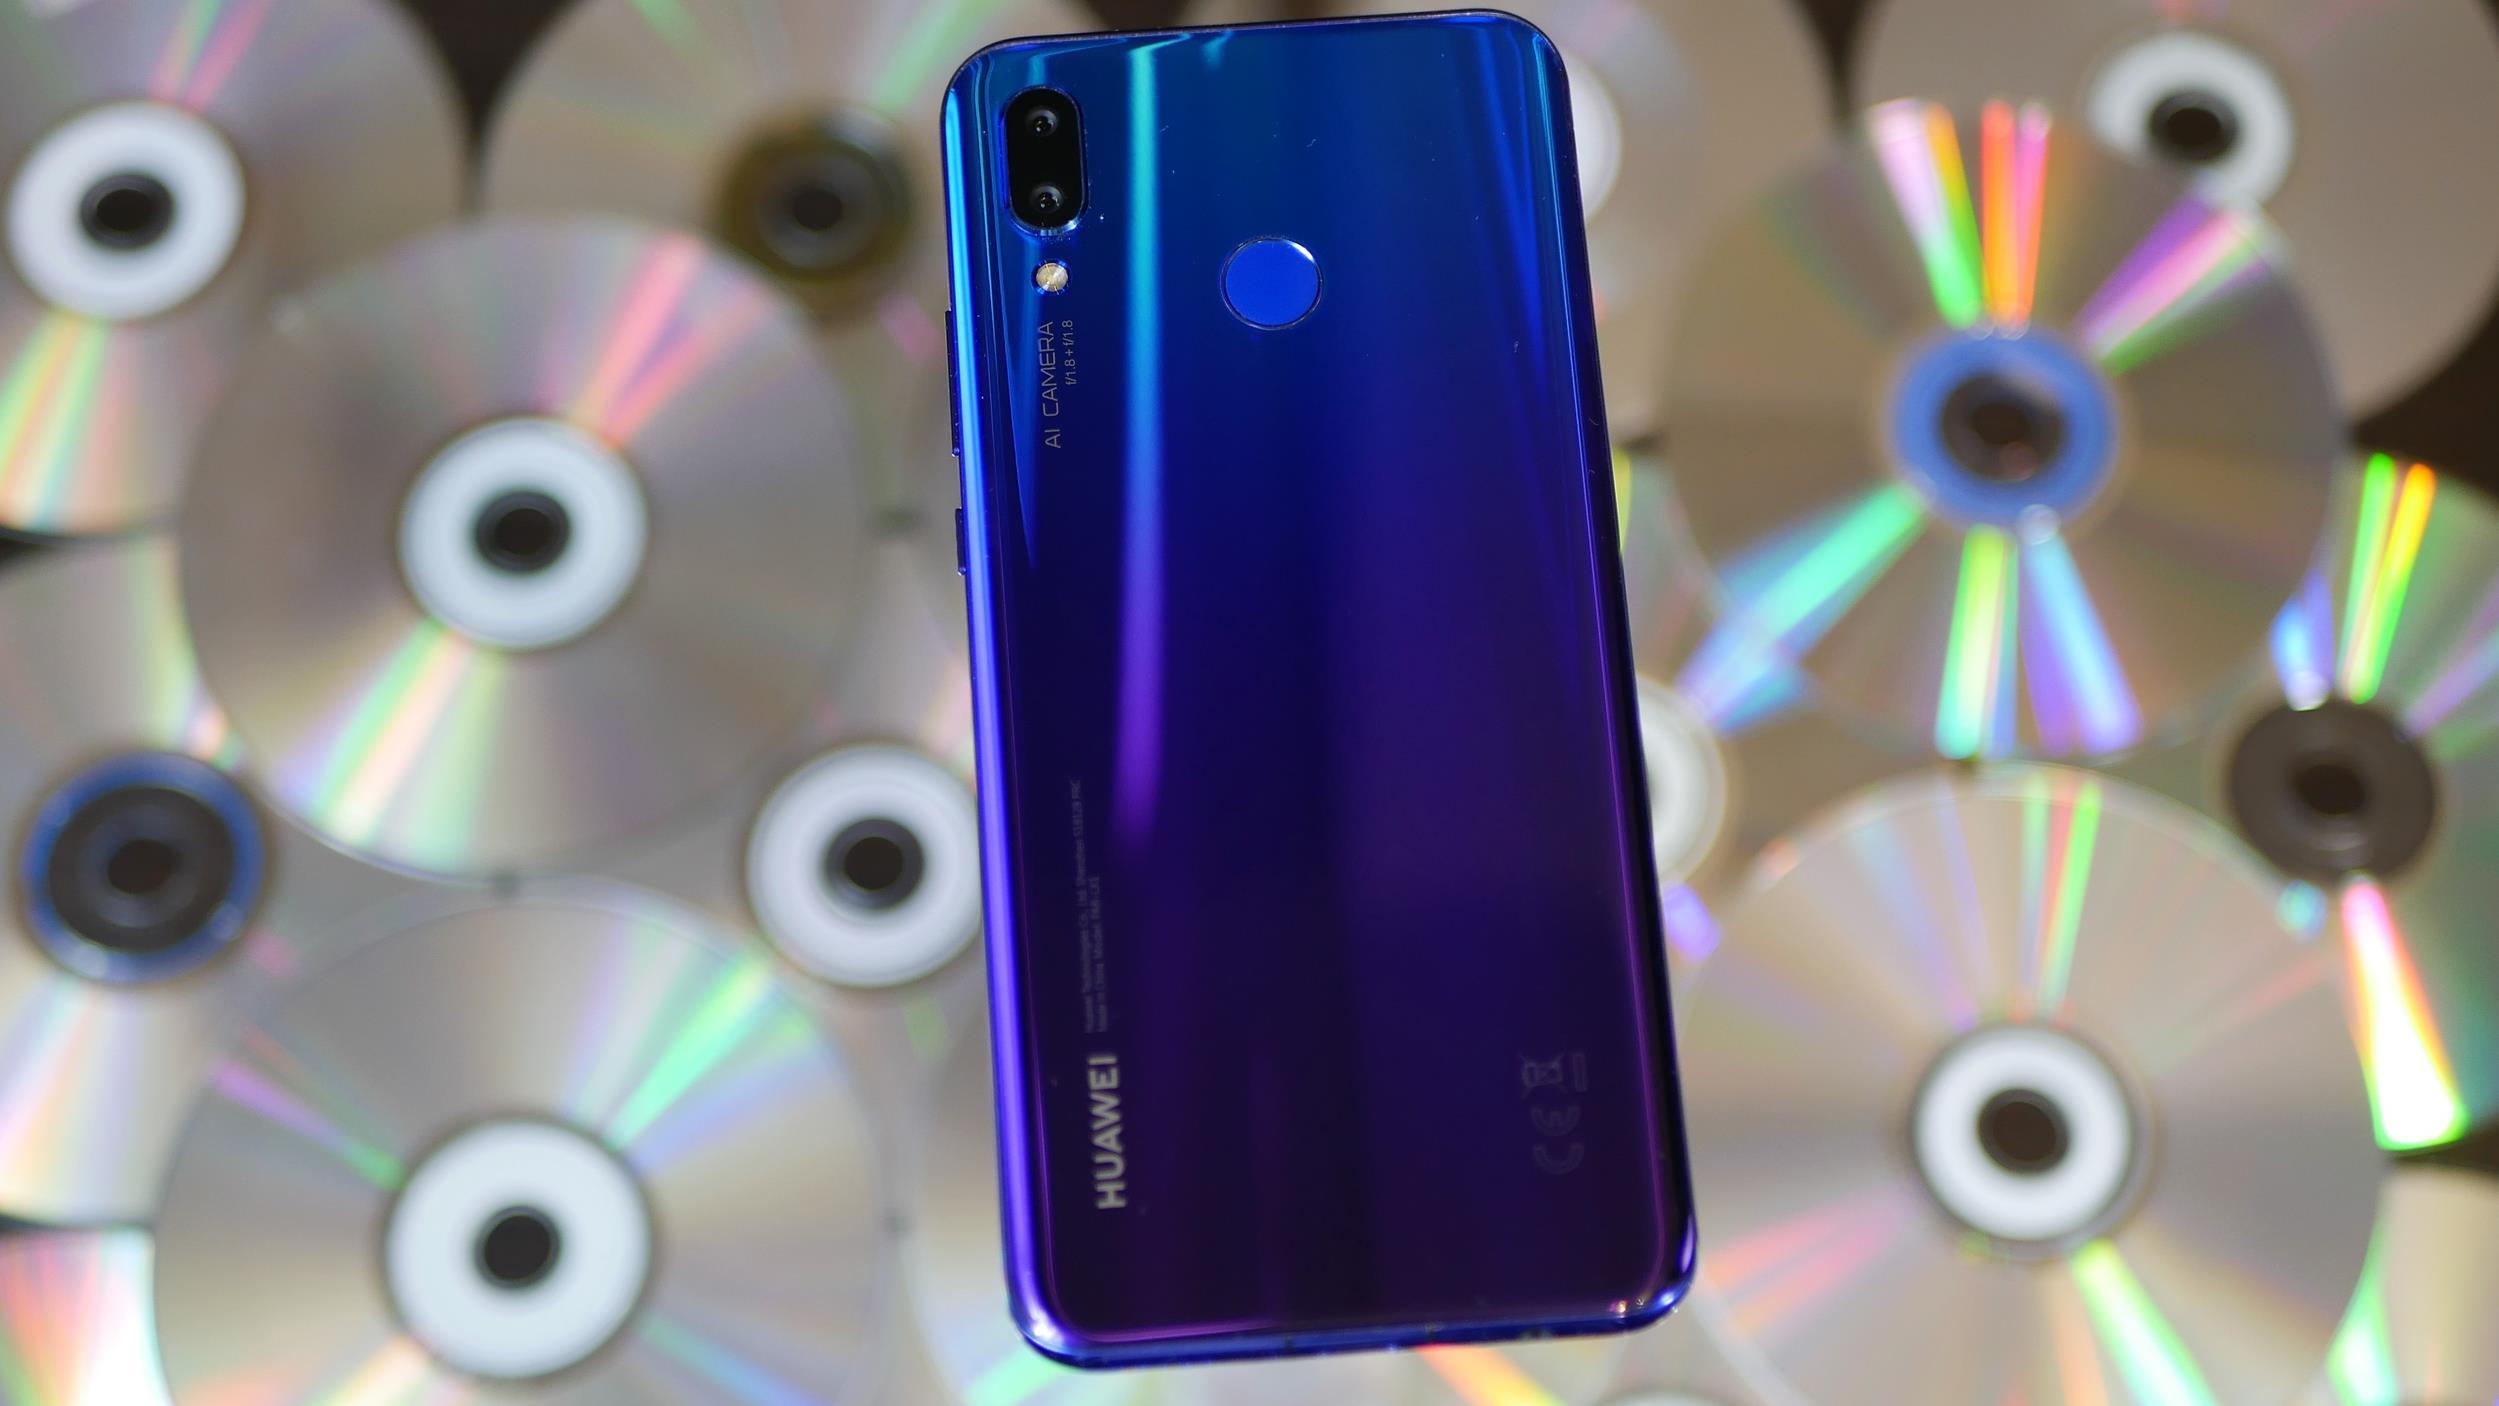 Recenzja Huawei Nova 3. To sprzęt, w którym prawie wszystko jest takie, jakie być powinno 20